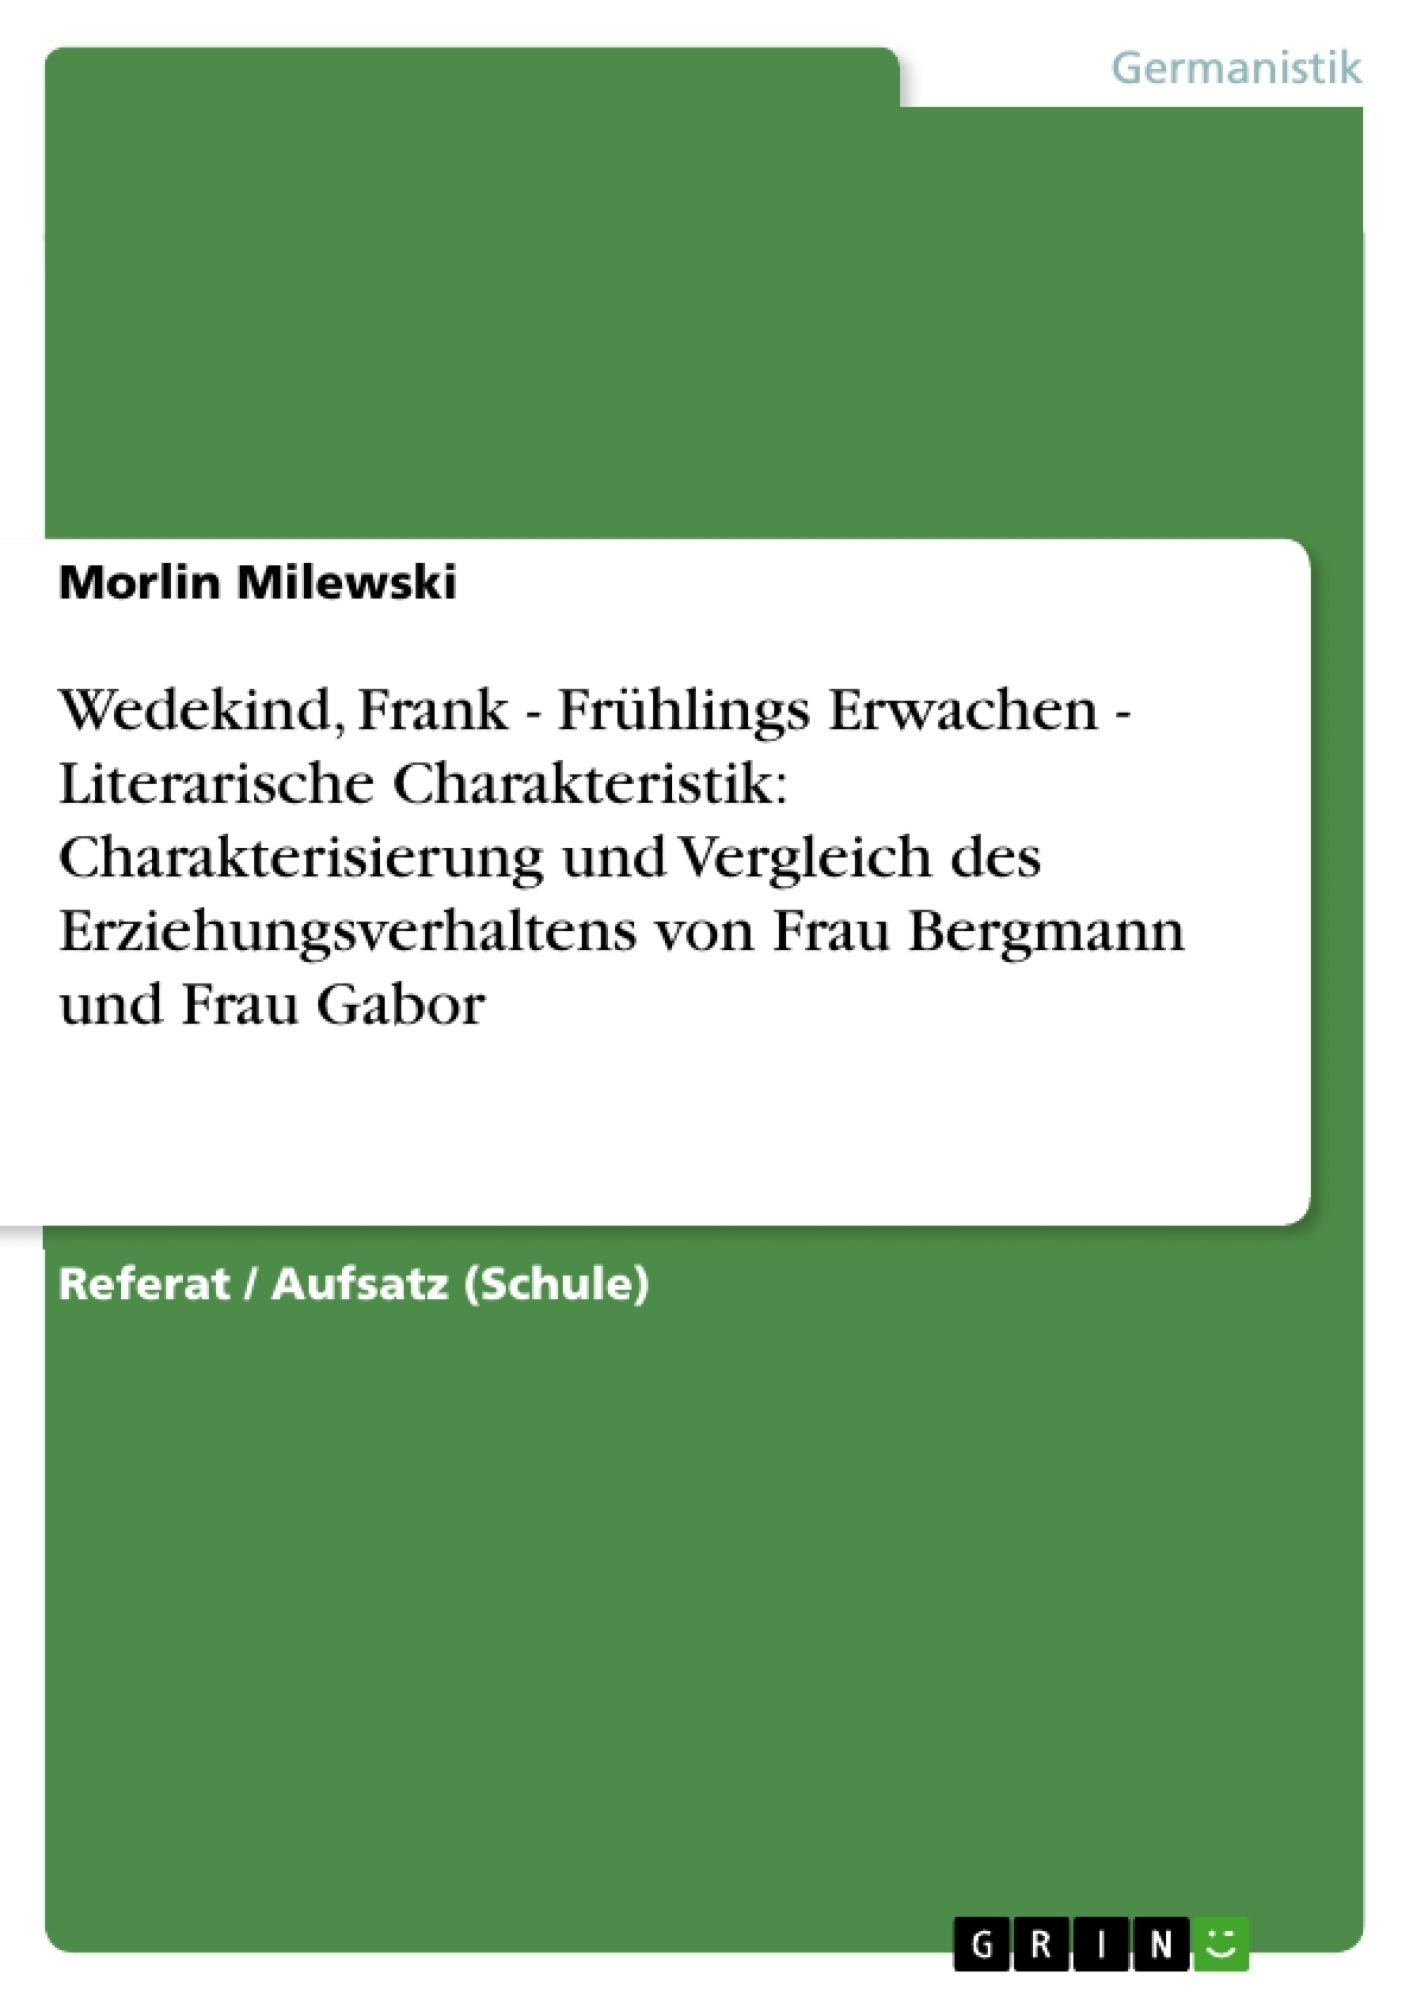 Titel: Wedekind, Frank - Frühlings Erwachen - Literarische Charakteristik: Charakterisierung und Vergleich des Erziehungsverhaltens von Frau Bergmann und Frau Gabor